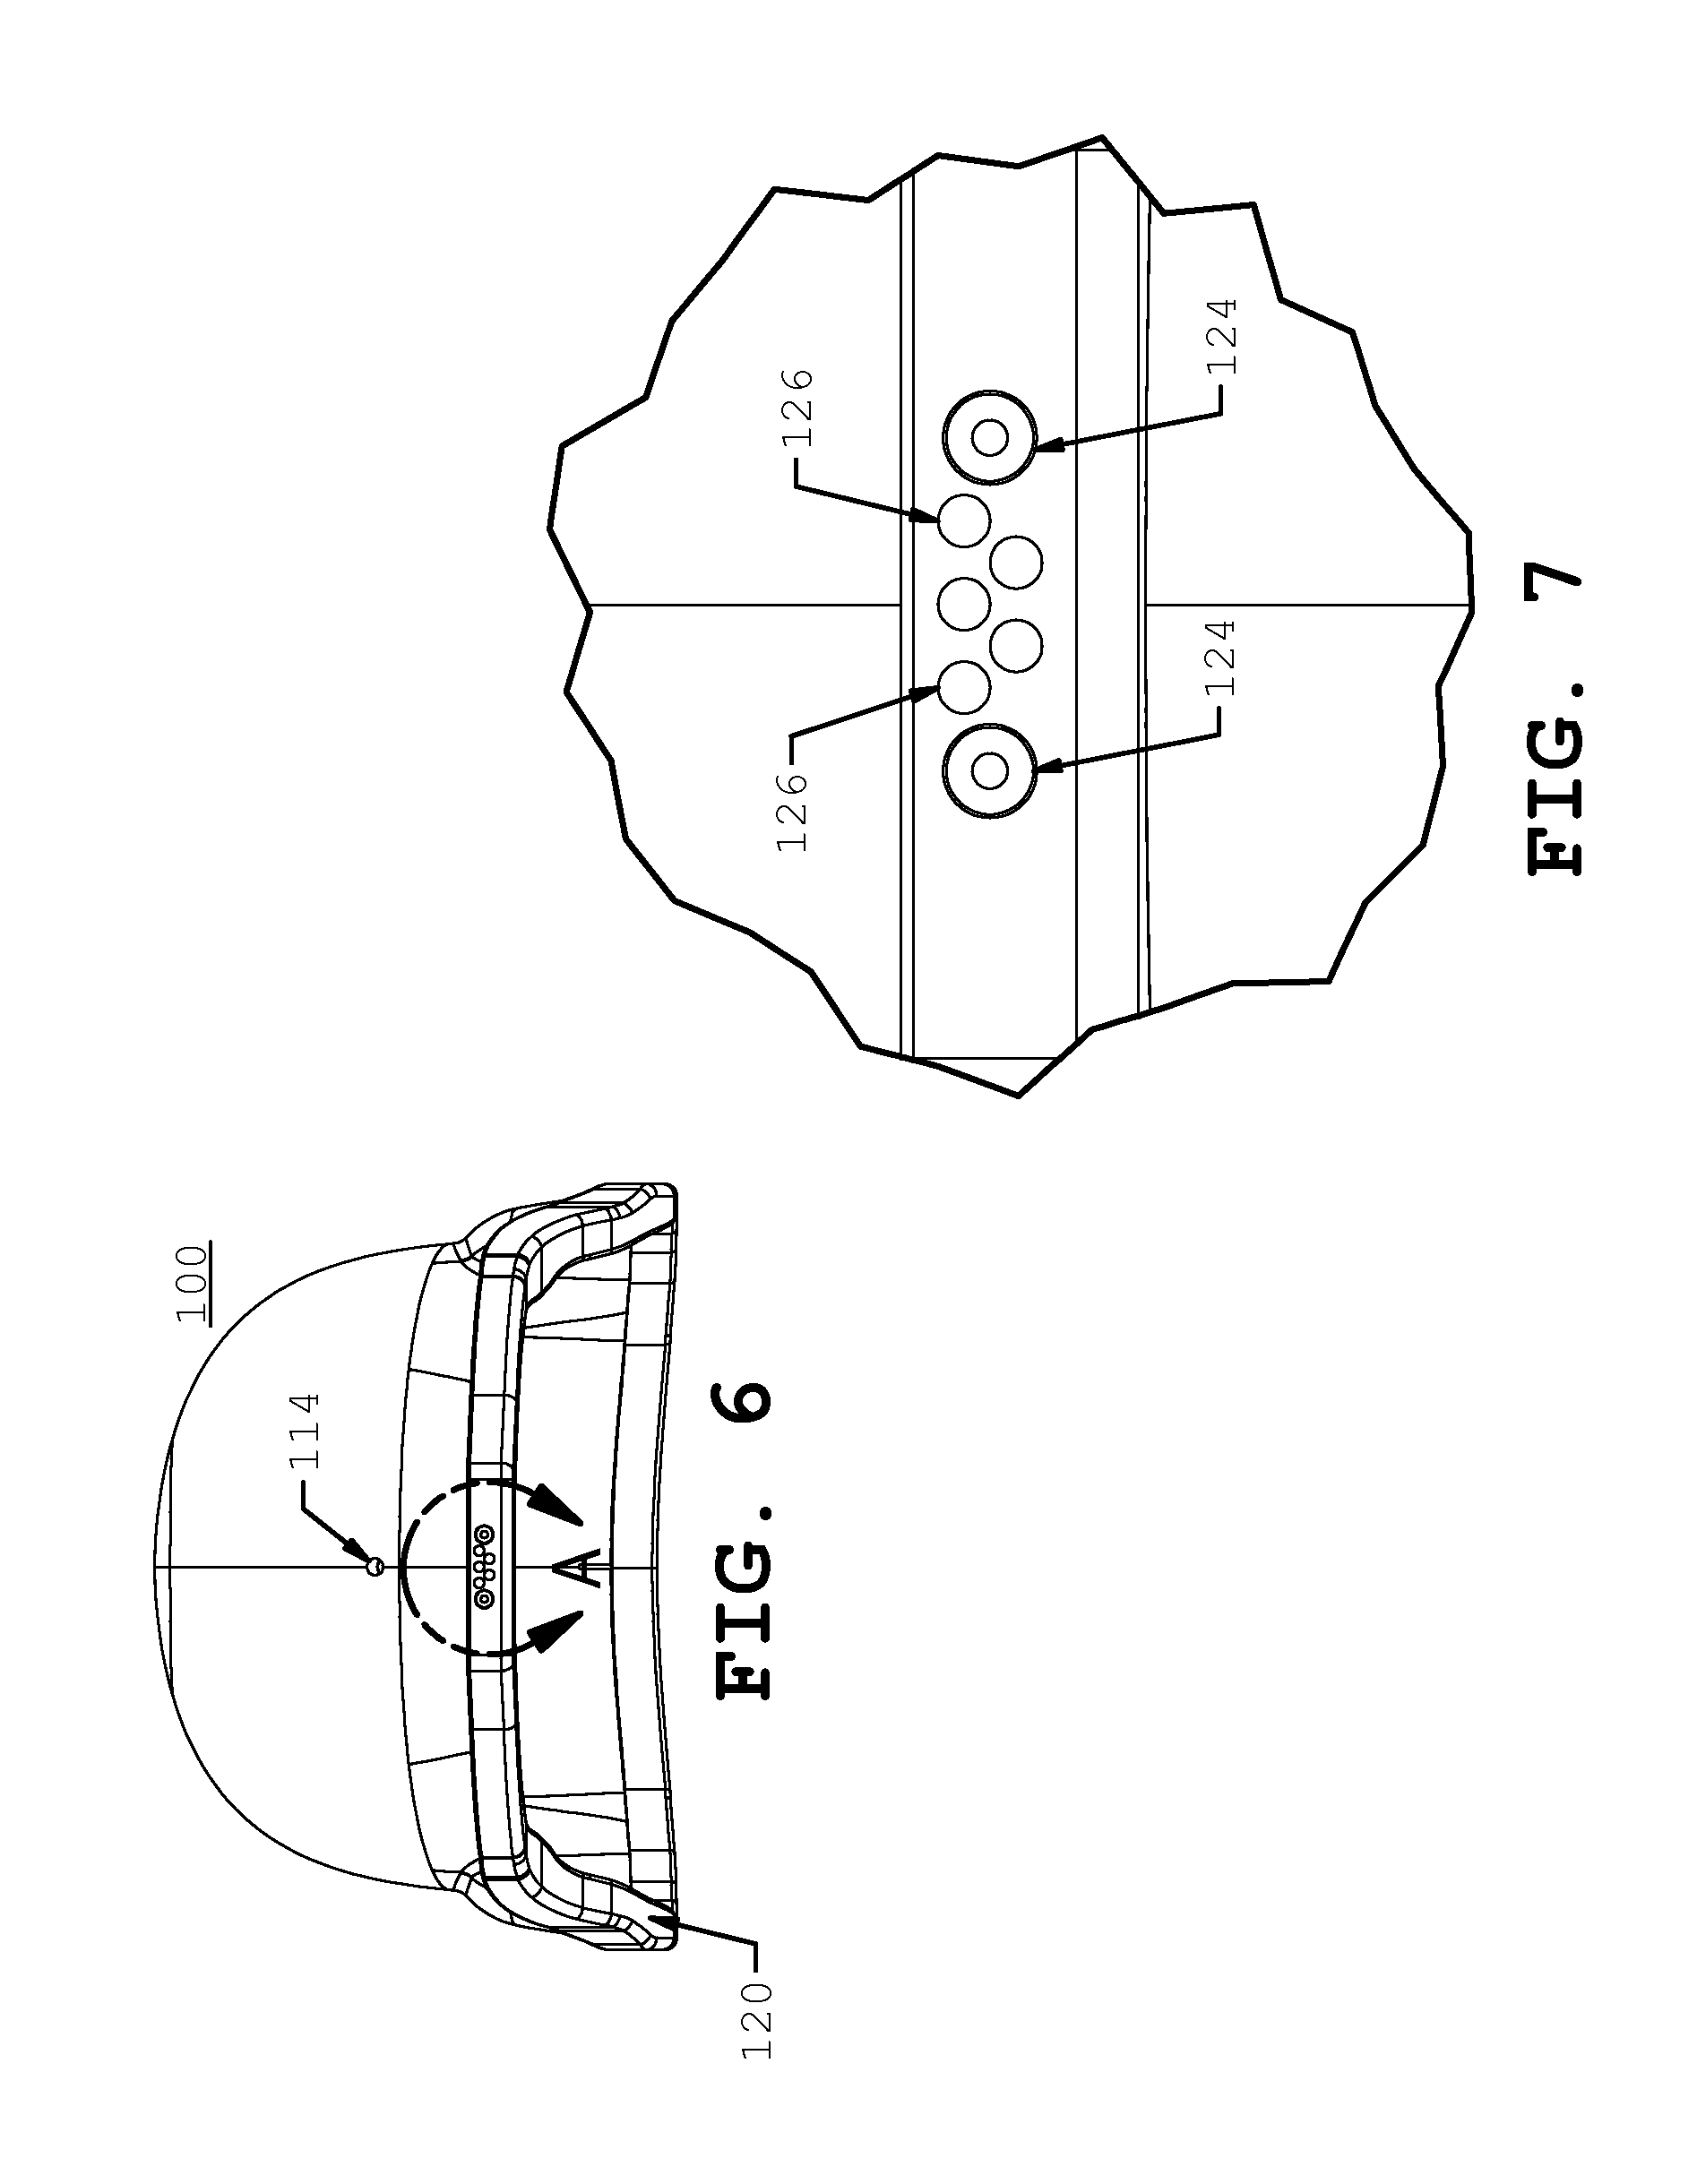 patent us20140020159